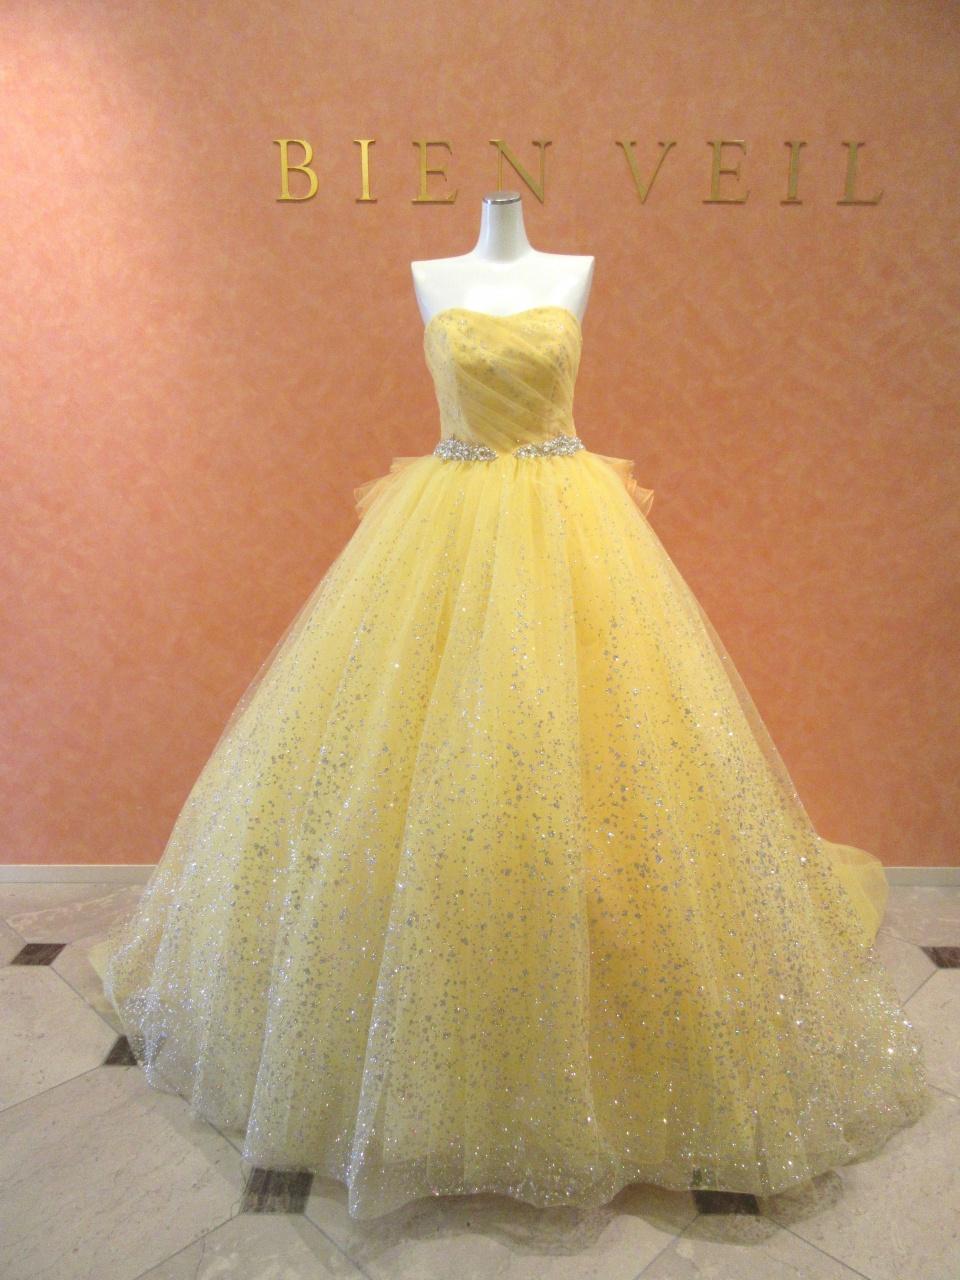 """ea5d22d0b3a9e 大人カワイイ""""が好き!シンプルなのに華やか、ワンカラードレスが素敵 ..."""